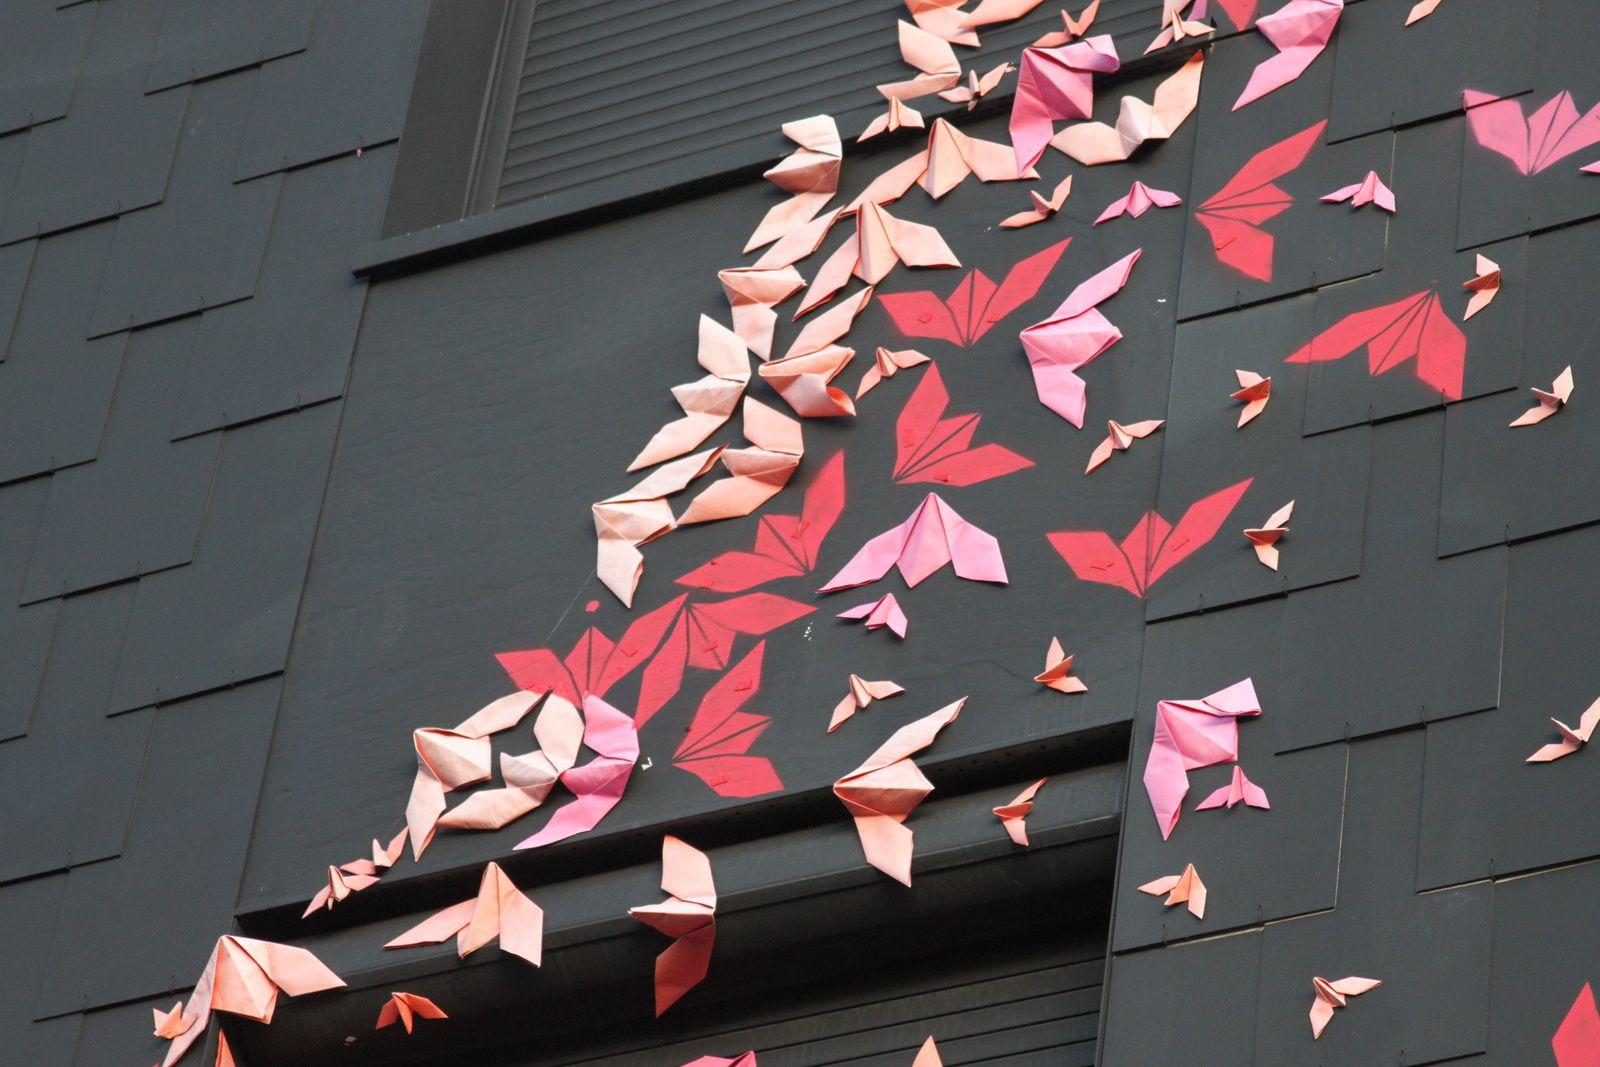 Des origamis par milliers